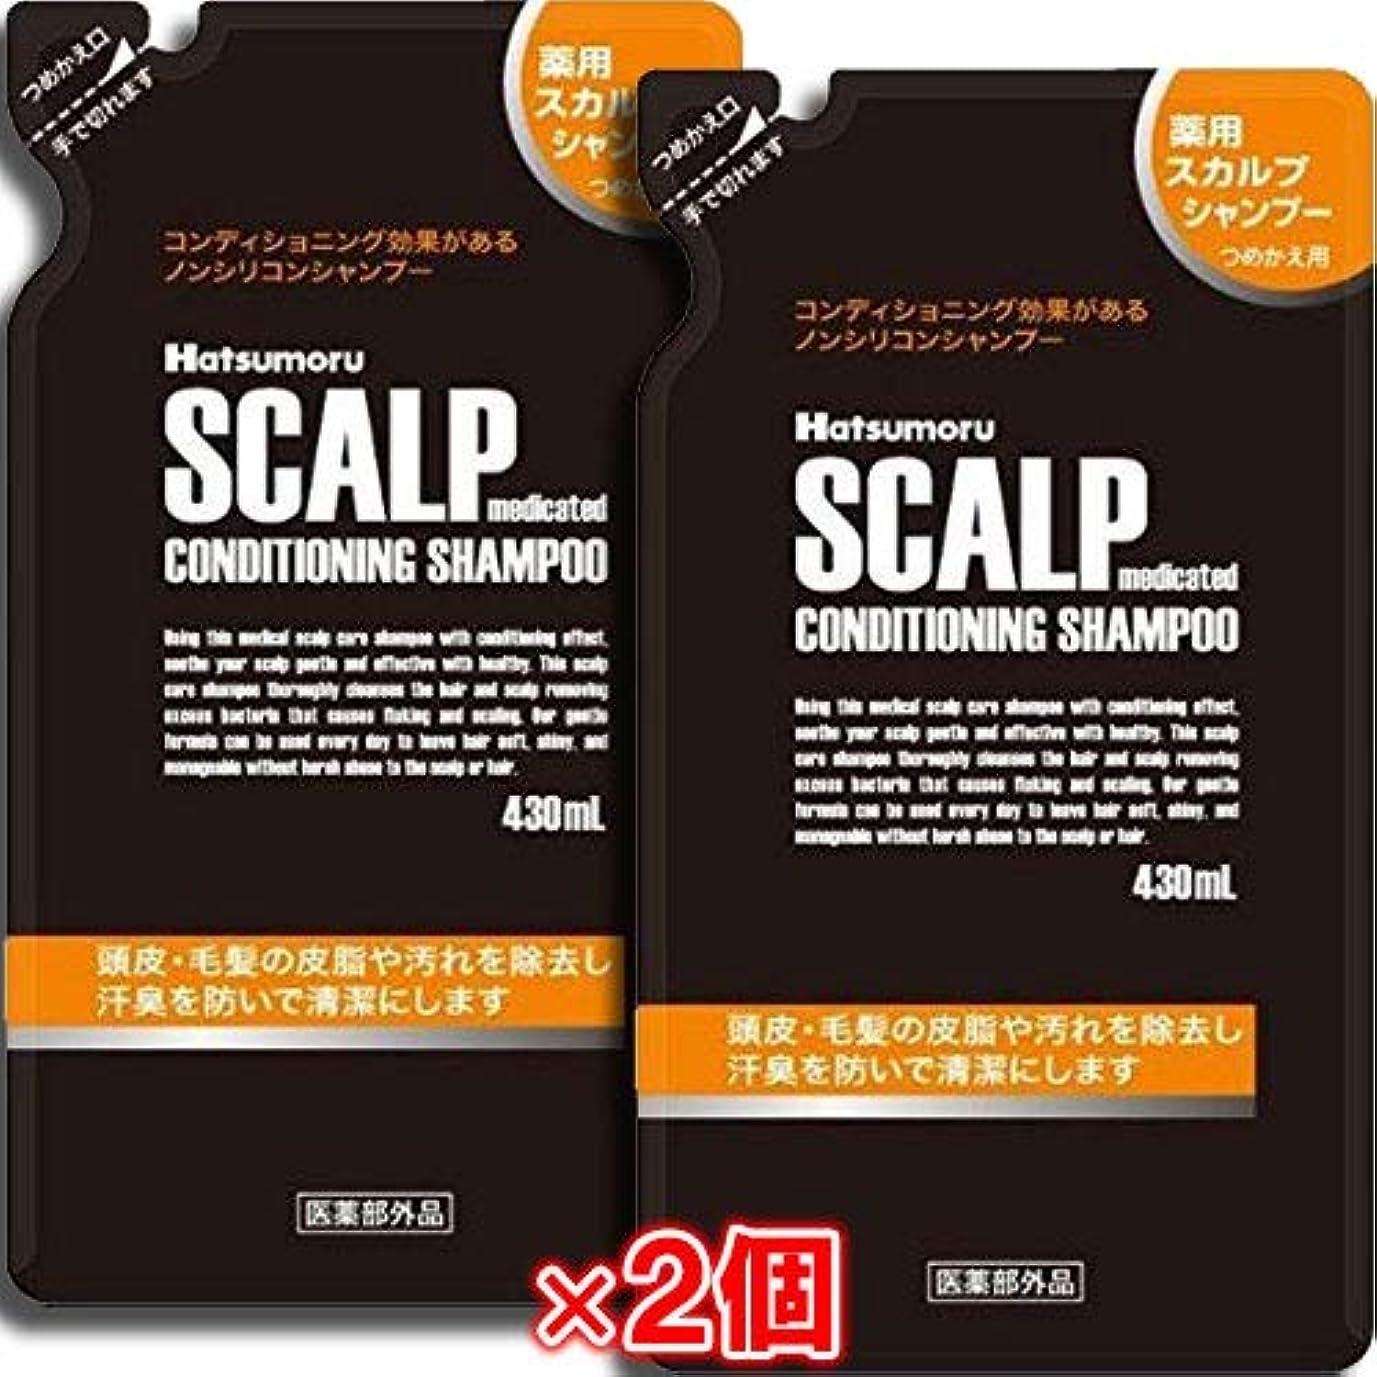 参照する慣性若さ【2個セット】ハツモール 薬用スカルプシャンプー 詰替用 430mL